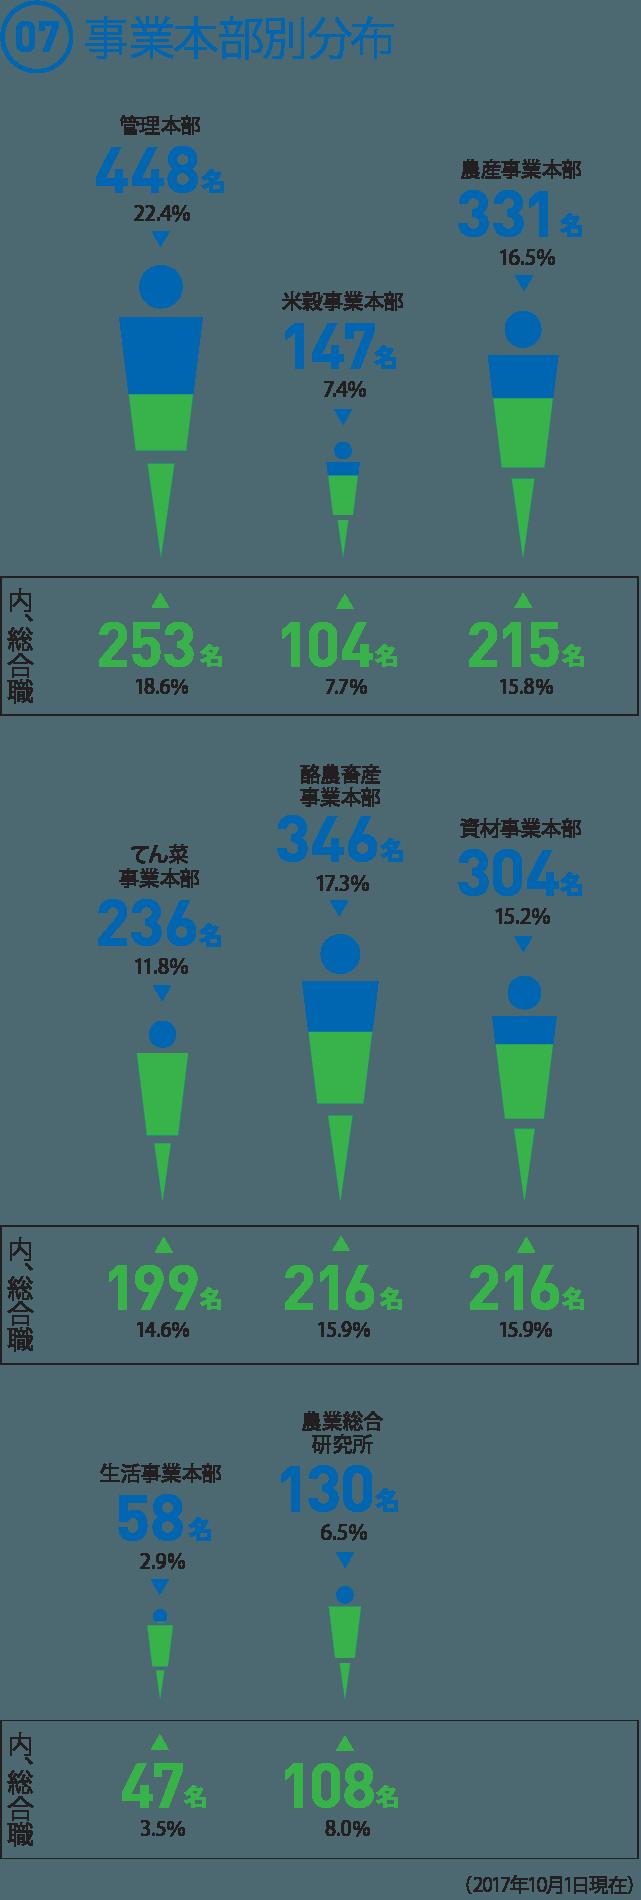 (07) 事業本部別分布  ◯管理本部 448名 22.4% [内、総合職]253名 18.6%  ◯米穀事業本部 147名 7.4% [内、総合職]104名 7.7%  ◯農産事業本部 331名 16.5% [内、総合職]215名 15.8%  ◯てん菜事業本部 236名 11.8% [内、総合職]199名 14.6%  ◯酪農畜産事業本部 346名 17.3% [内、総合職]216名 15.9%  ◯資材事業本部 304名 15.2% [内、総合職]216名 15.9%  ◯生活事業本部 58名 2.9% [内、総合職]47名 3.5%  ◯農業総合研究所 130名 6.5% [内、総合職]108名 8.0%(2017年10月1日現在)